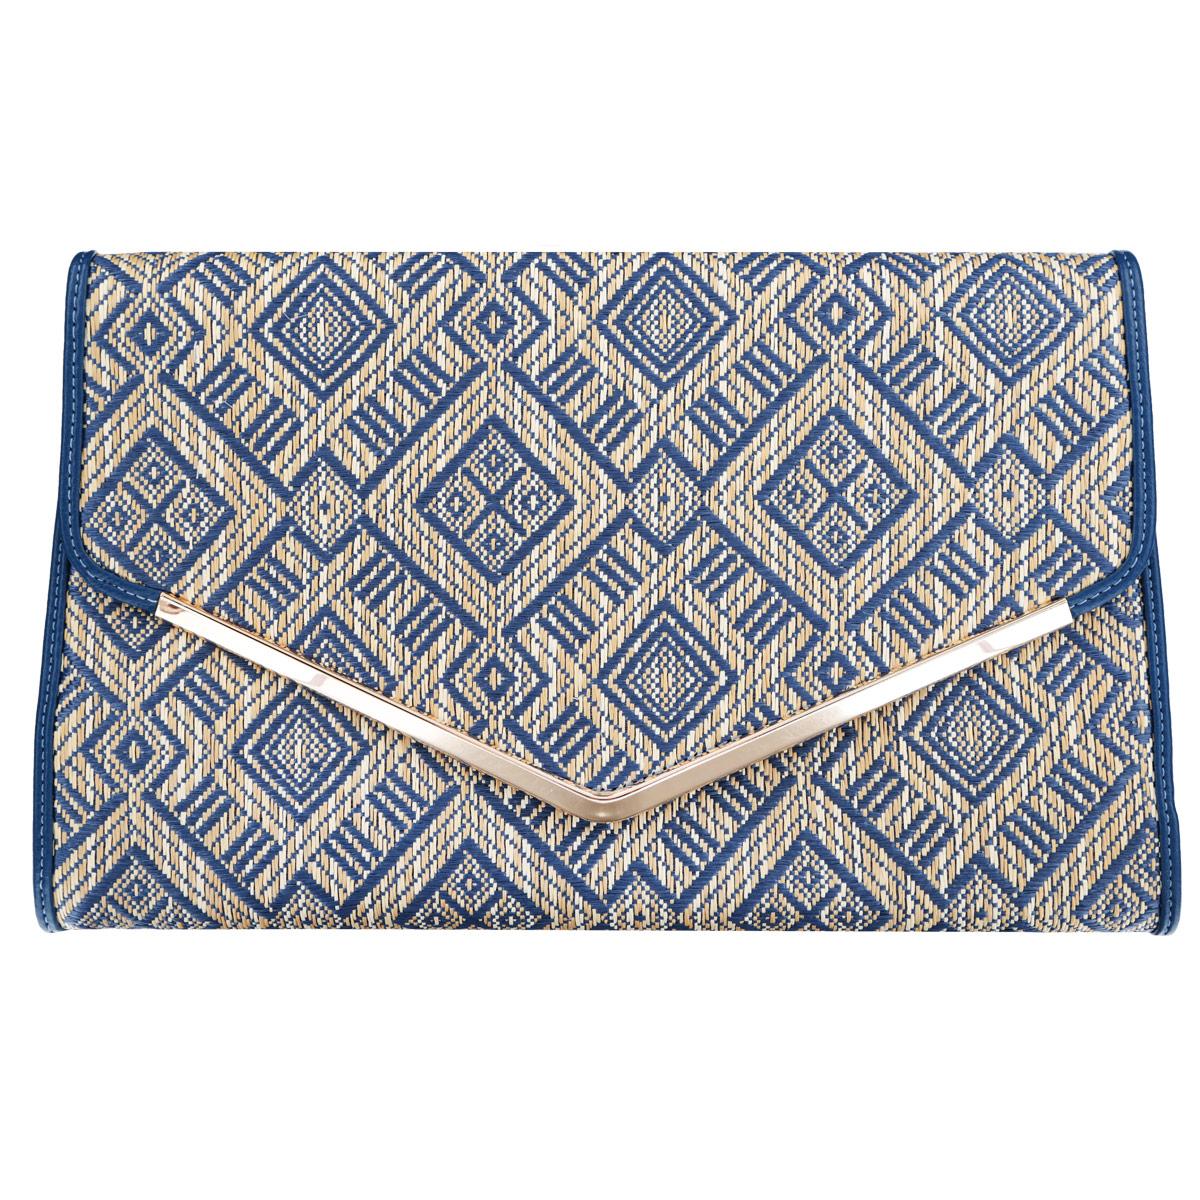 Сумка-клатч театральная Selena, цвет: синий, бежевый. 9005190051Элегантная женская сумка  SELENA выполнена из искусственной кожи и текстиля , оформлена уголком из металла золотистого цвета. Изделие закрывается на магнитный клапан. Внутреннее отделение содержит вшитый карман на застежке-молнии. Модель имеет съемный плечевой ремень-цепочку. Изысканная сумка прекрасно дополнит ваш элегантный образ и подчеркнет безупречный вкус.